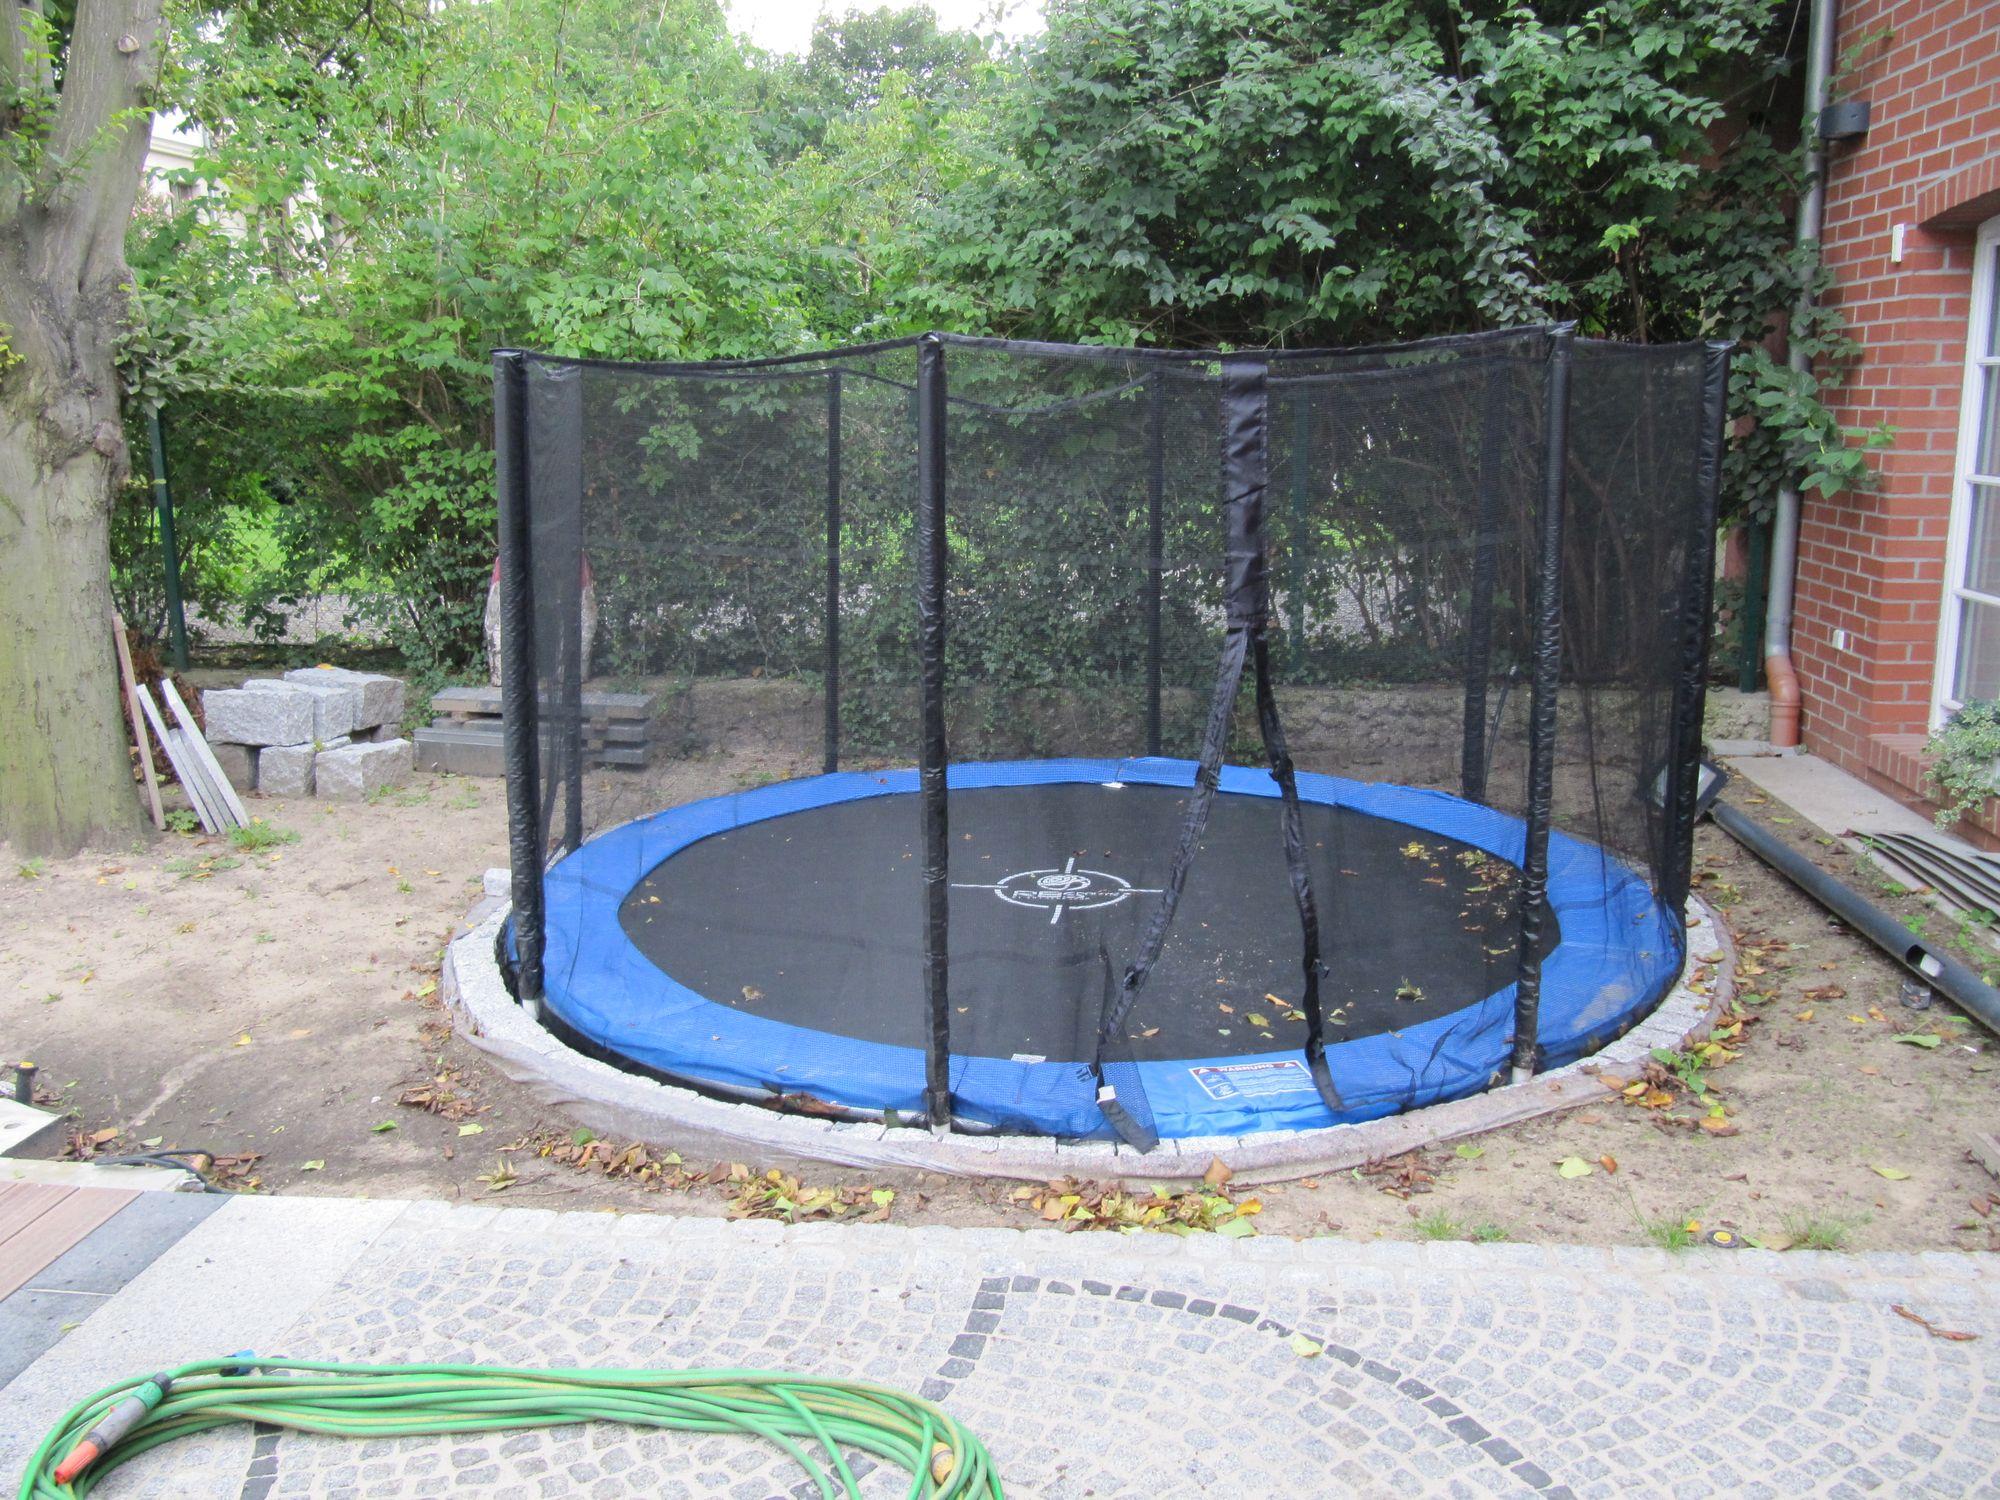 Garten mit Spielfläche in Berlin